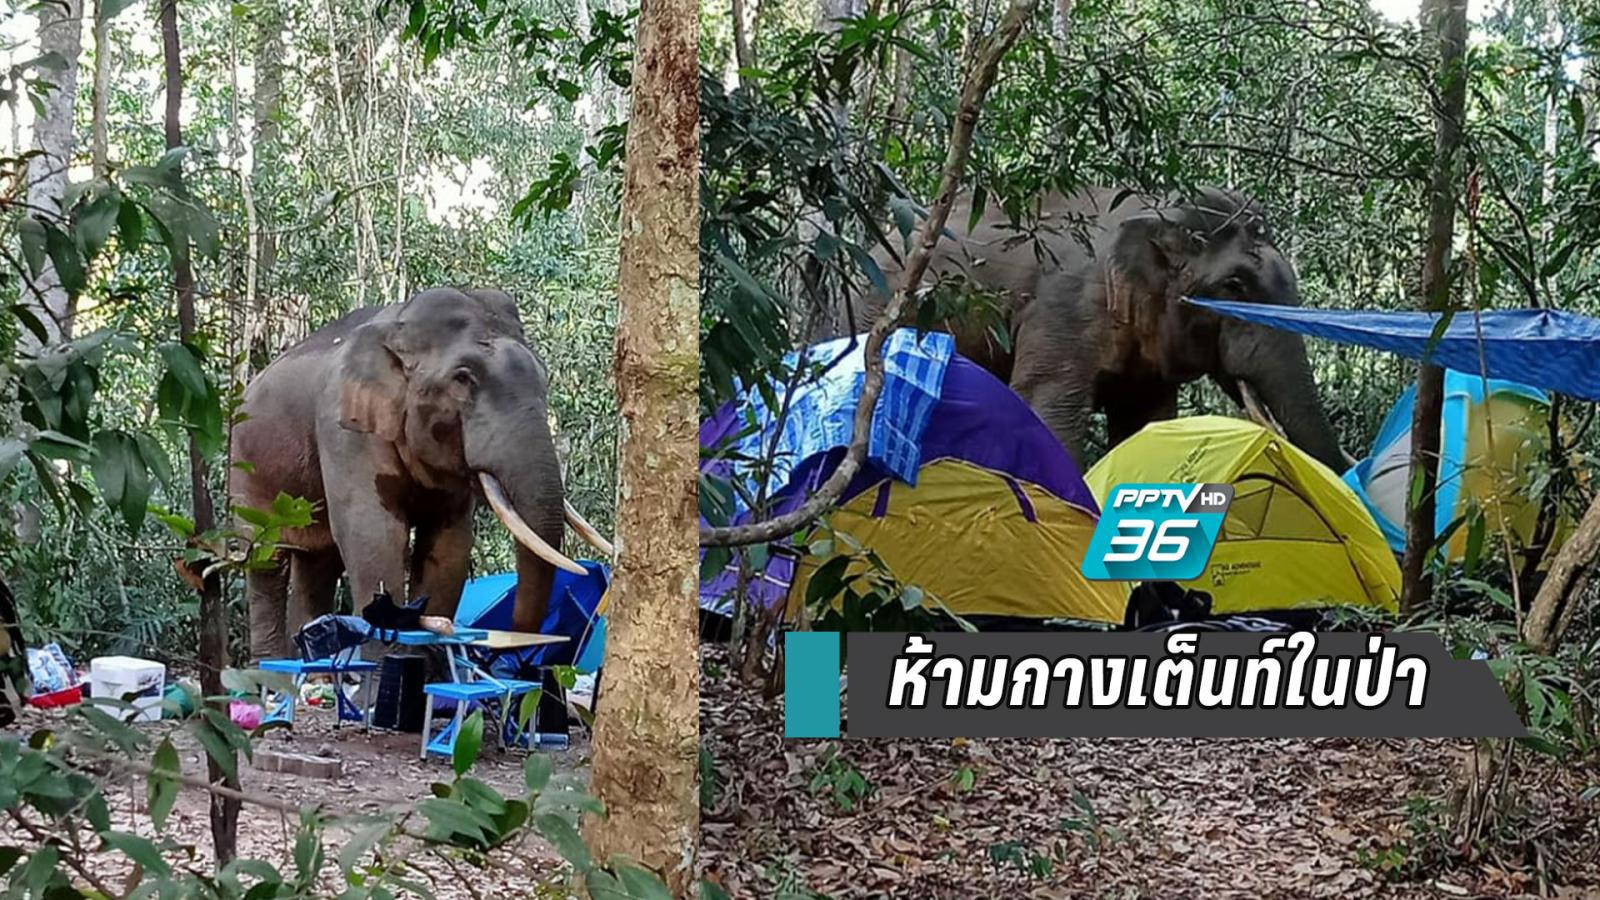 """""""พี่ดื้อ"""" ช้างเขาใหญ่รื้อเต็นท์นักท่องเที่ยว เตือนห้ามกางเต็นท์ในป่า"""